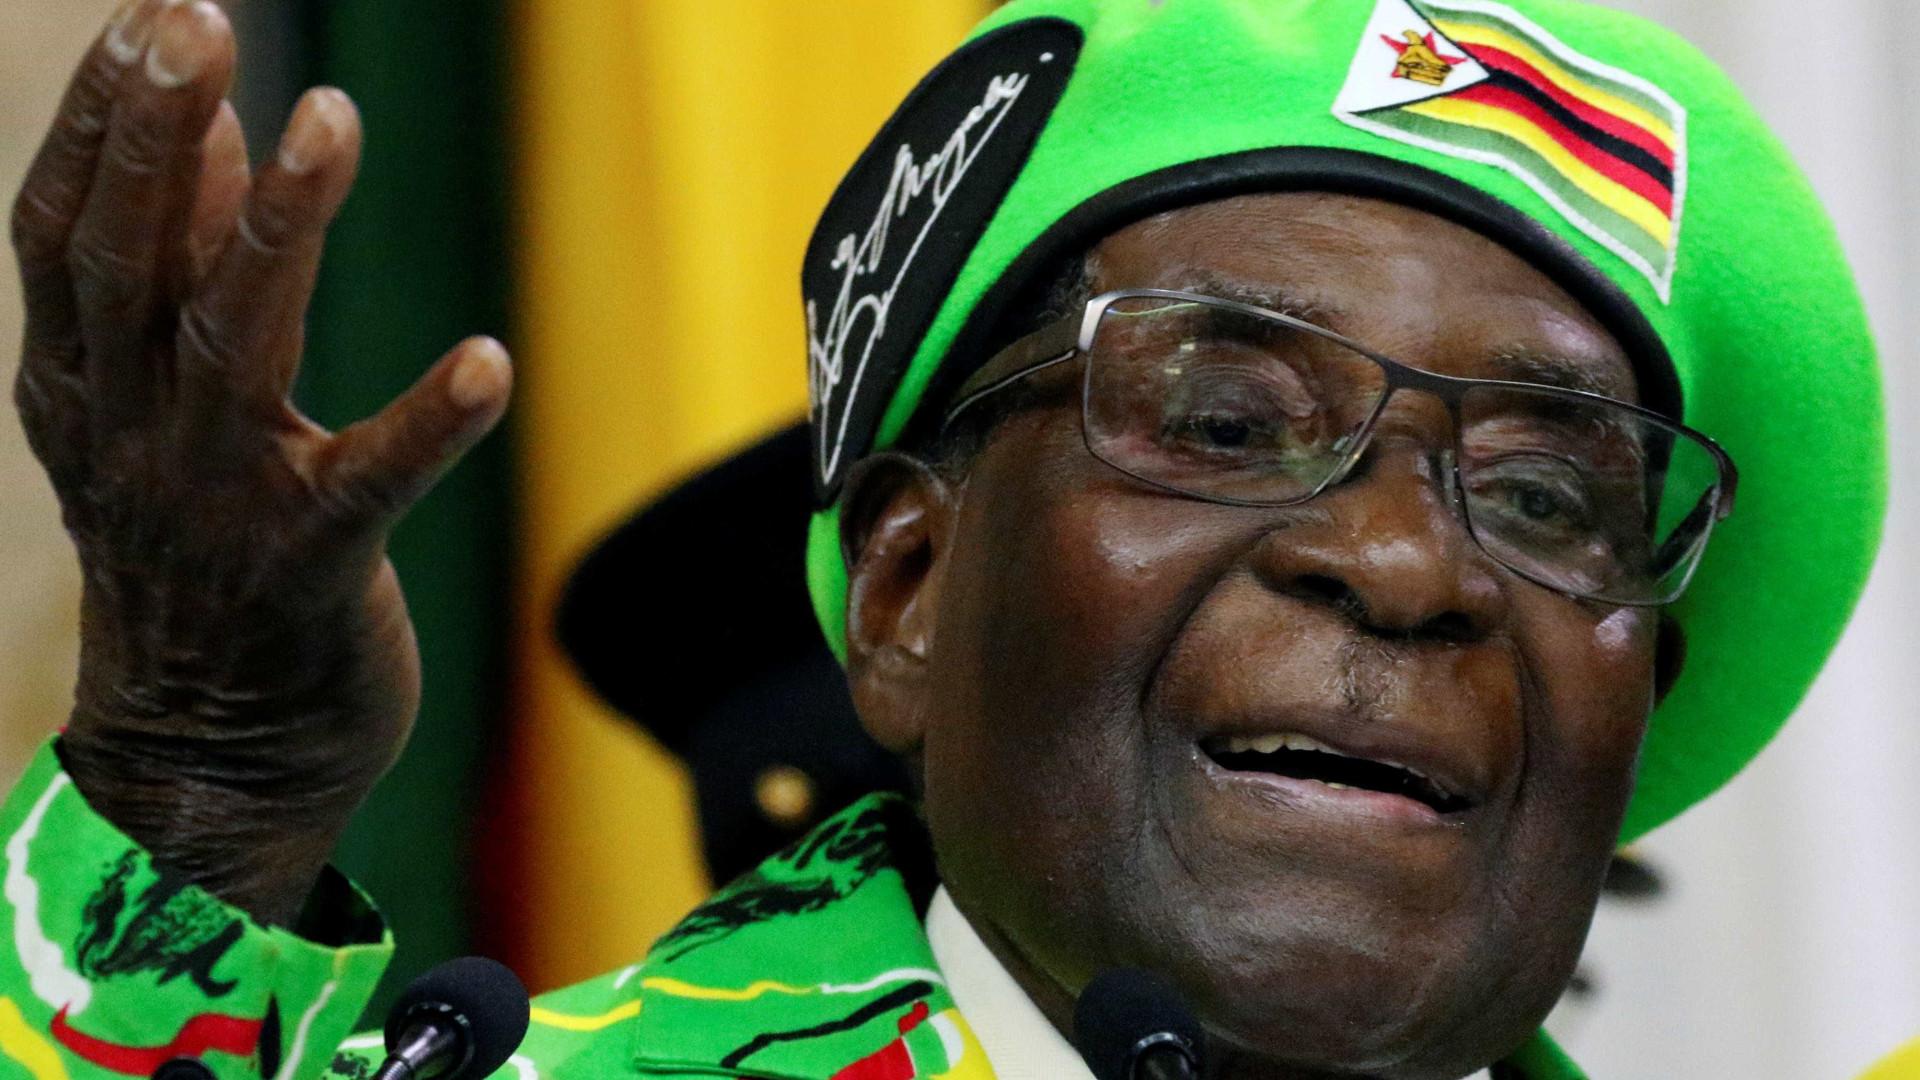 OMS repensa escolha de Mugabe para embaixador da organização